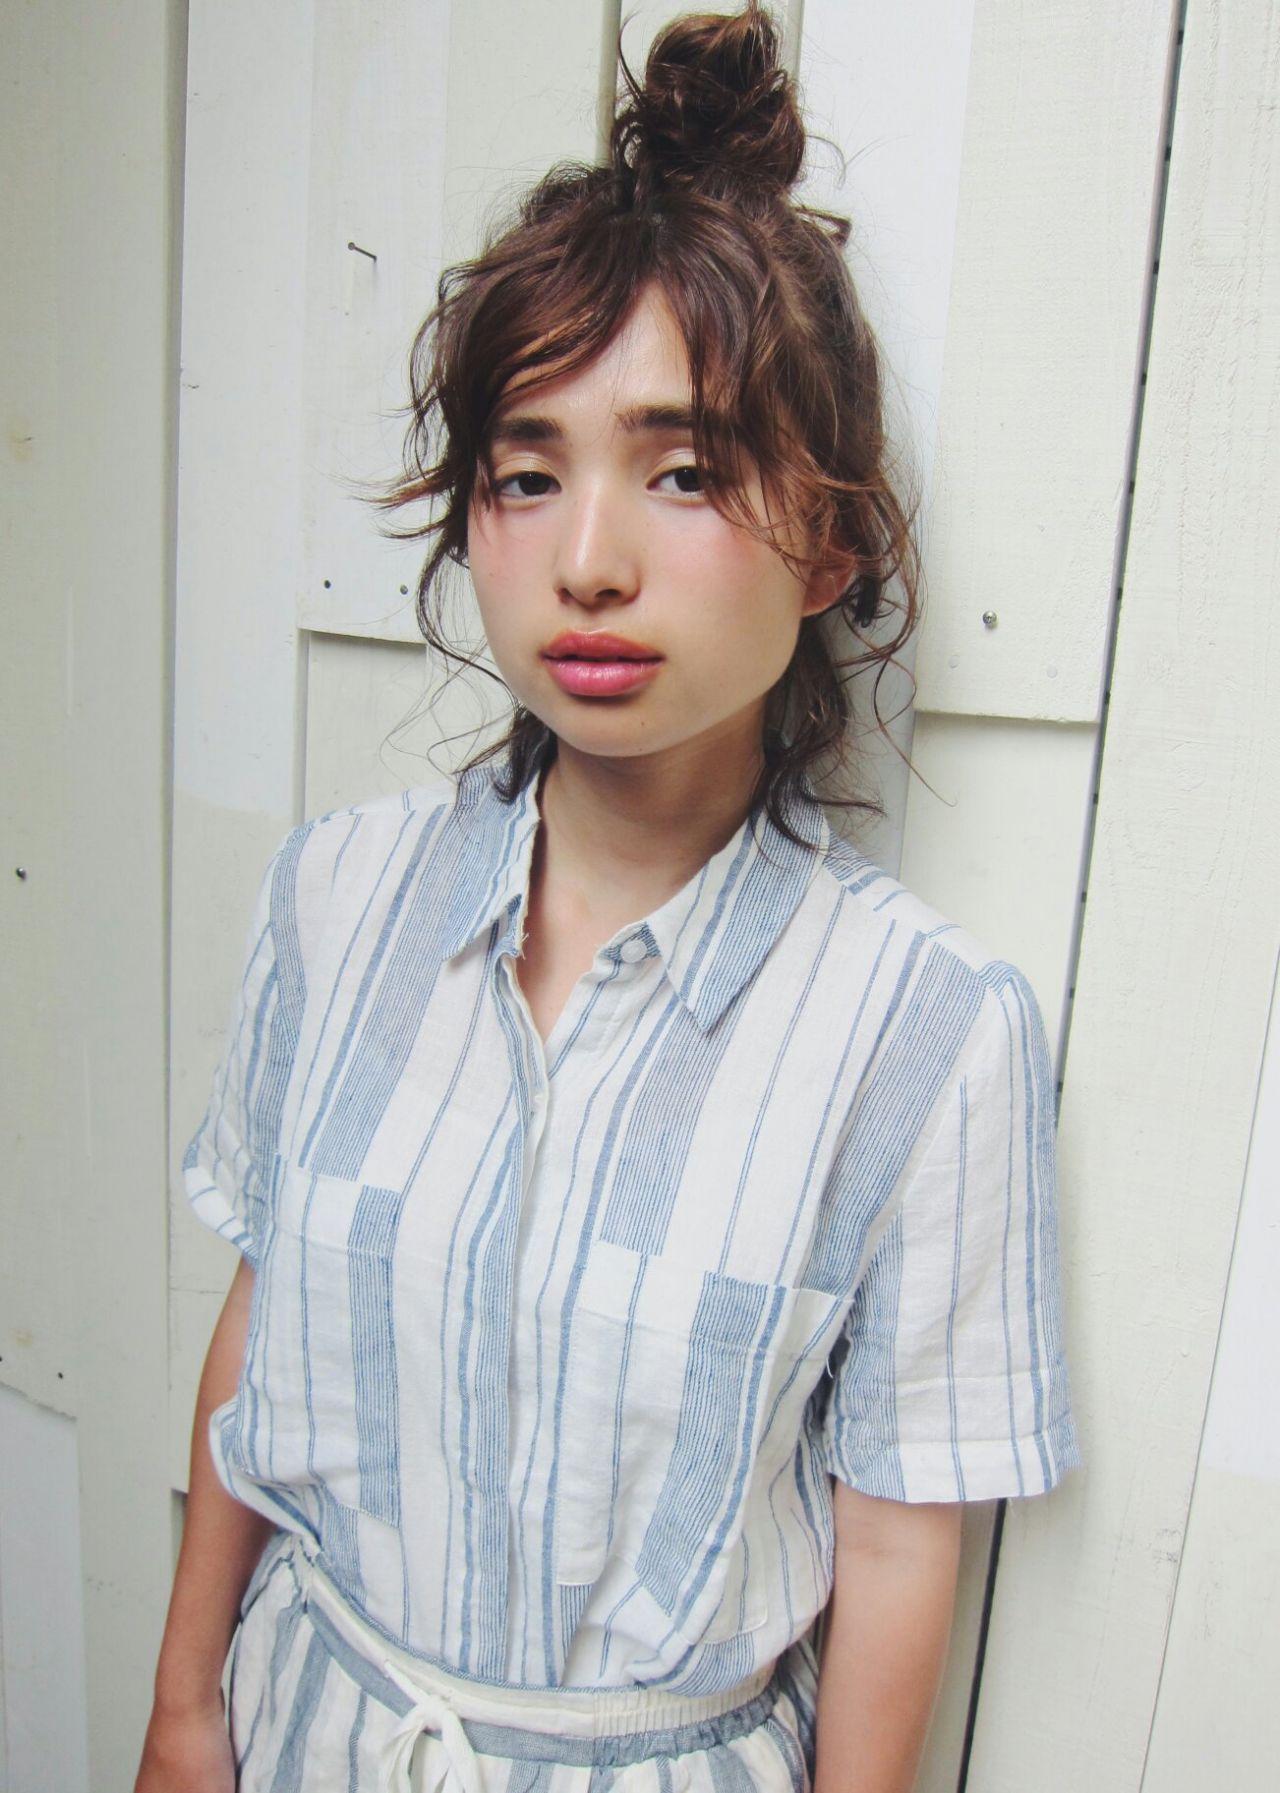 オシャレになりたい人必見。海外のトレンド、''Half up top knot''とは? CHINATSU / MAGNOLiA